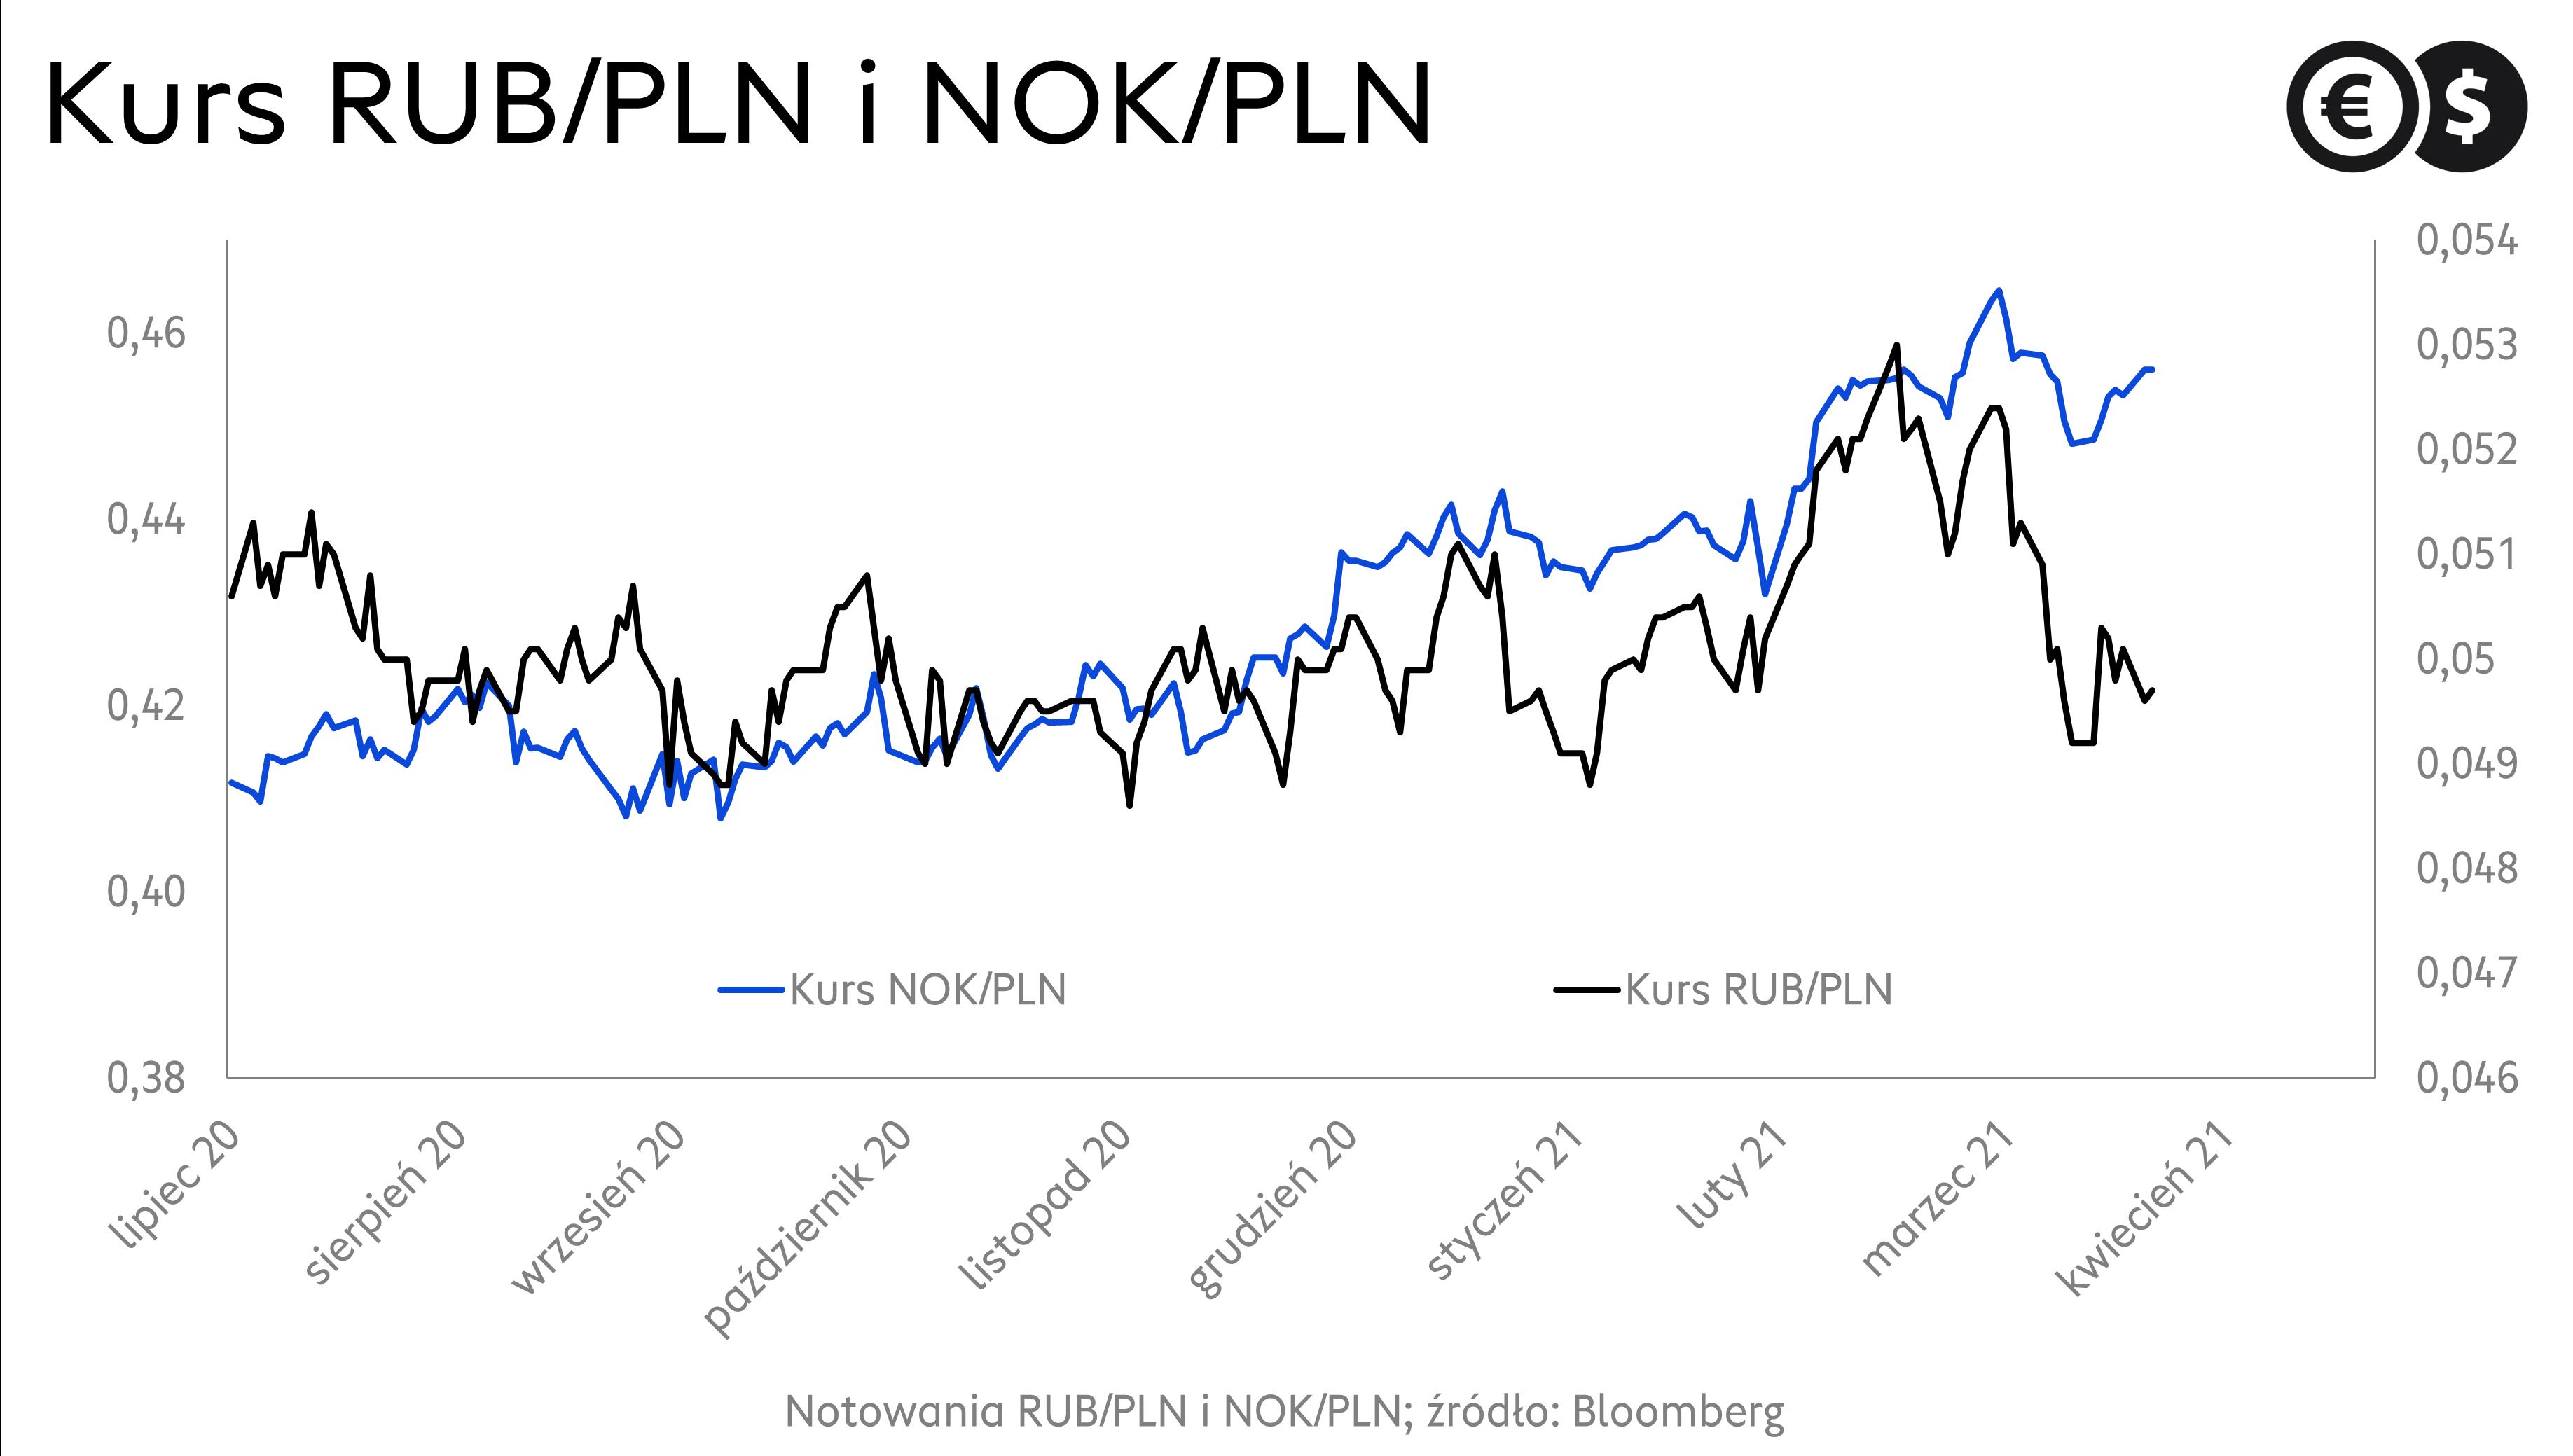 Notowania rubla i korony norweskiej; źródło: Bloomberg